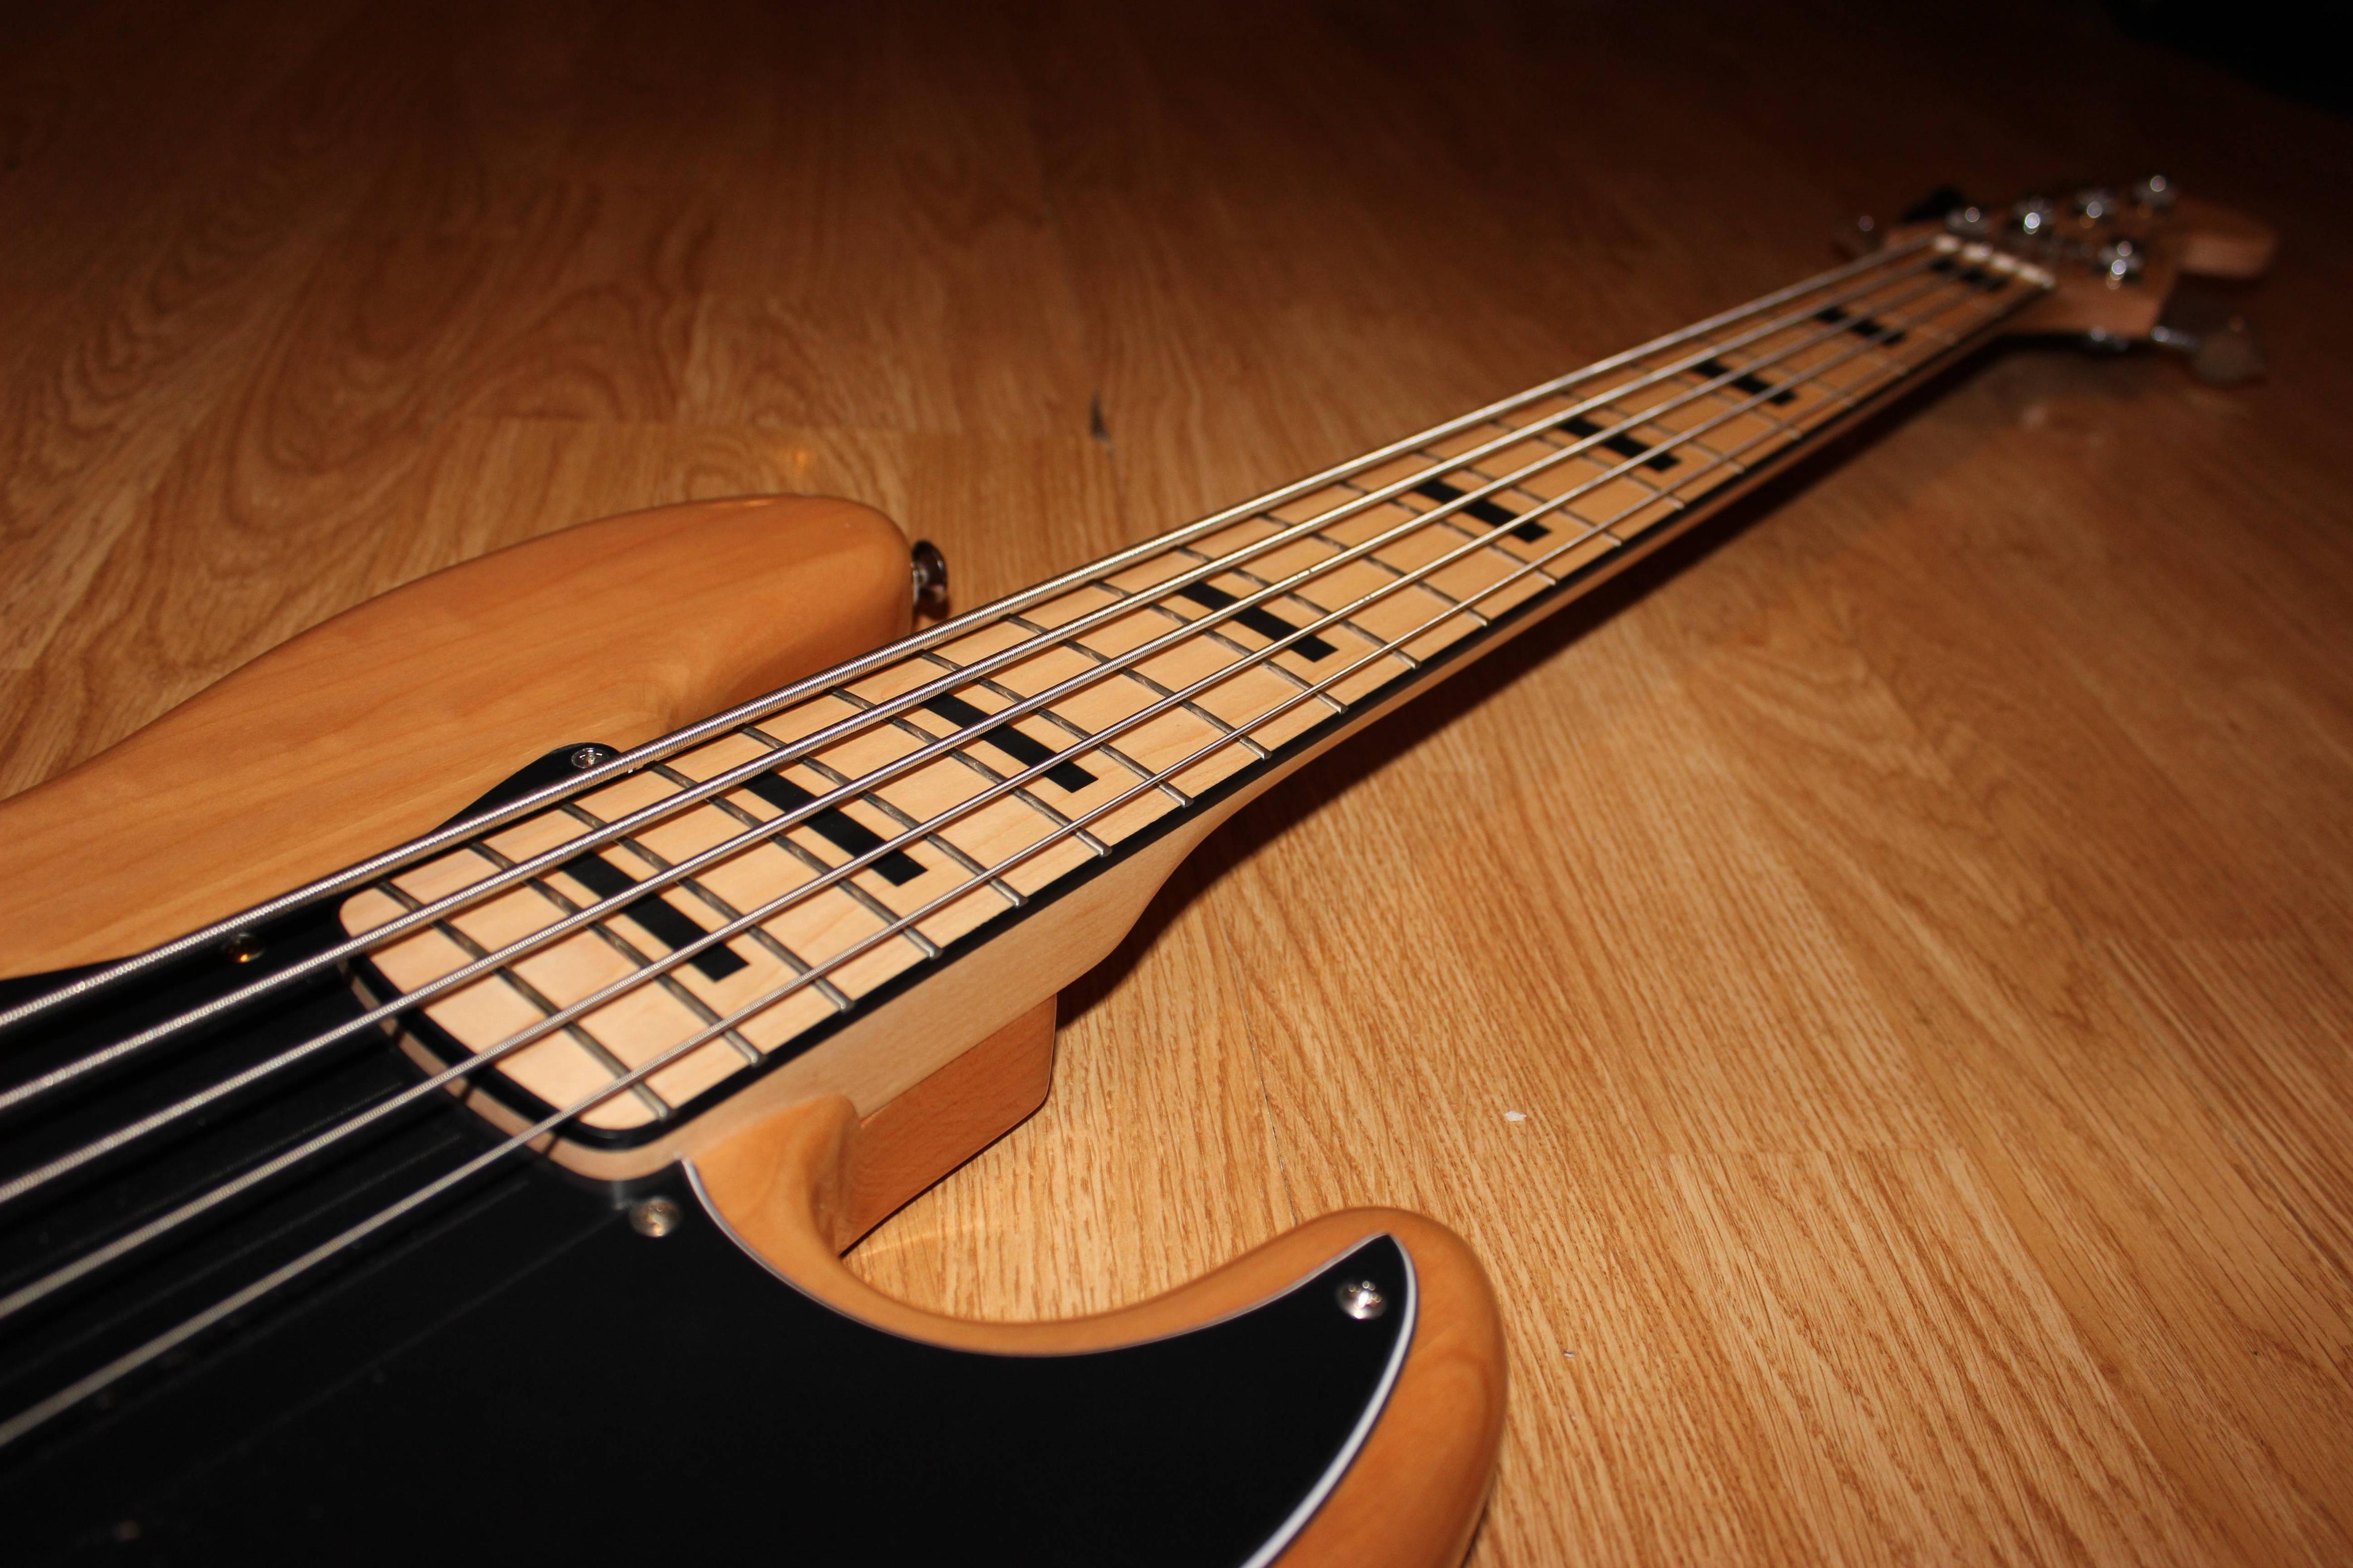 guitar widescreen wallpaper background 152